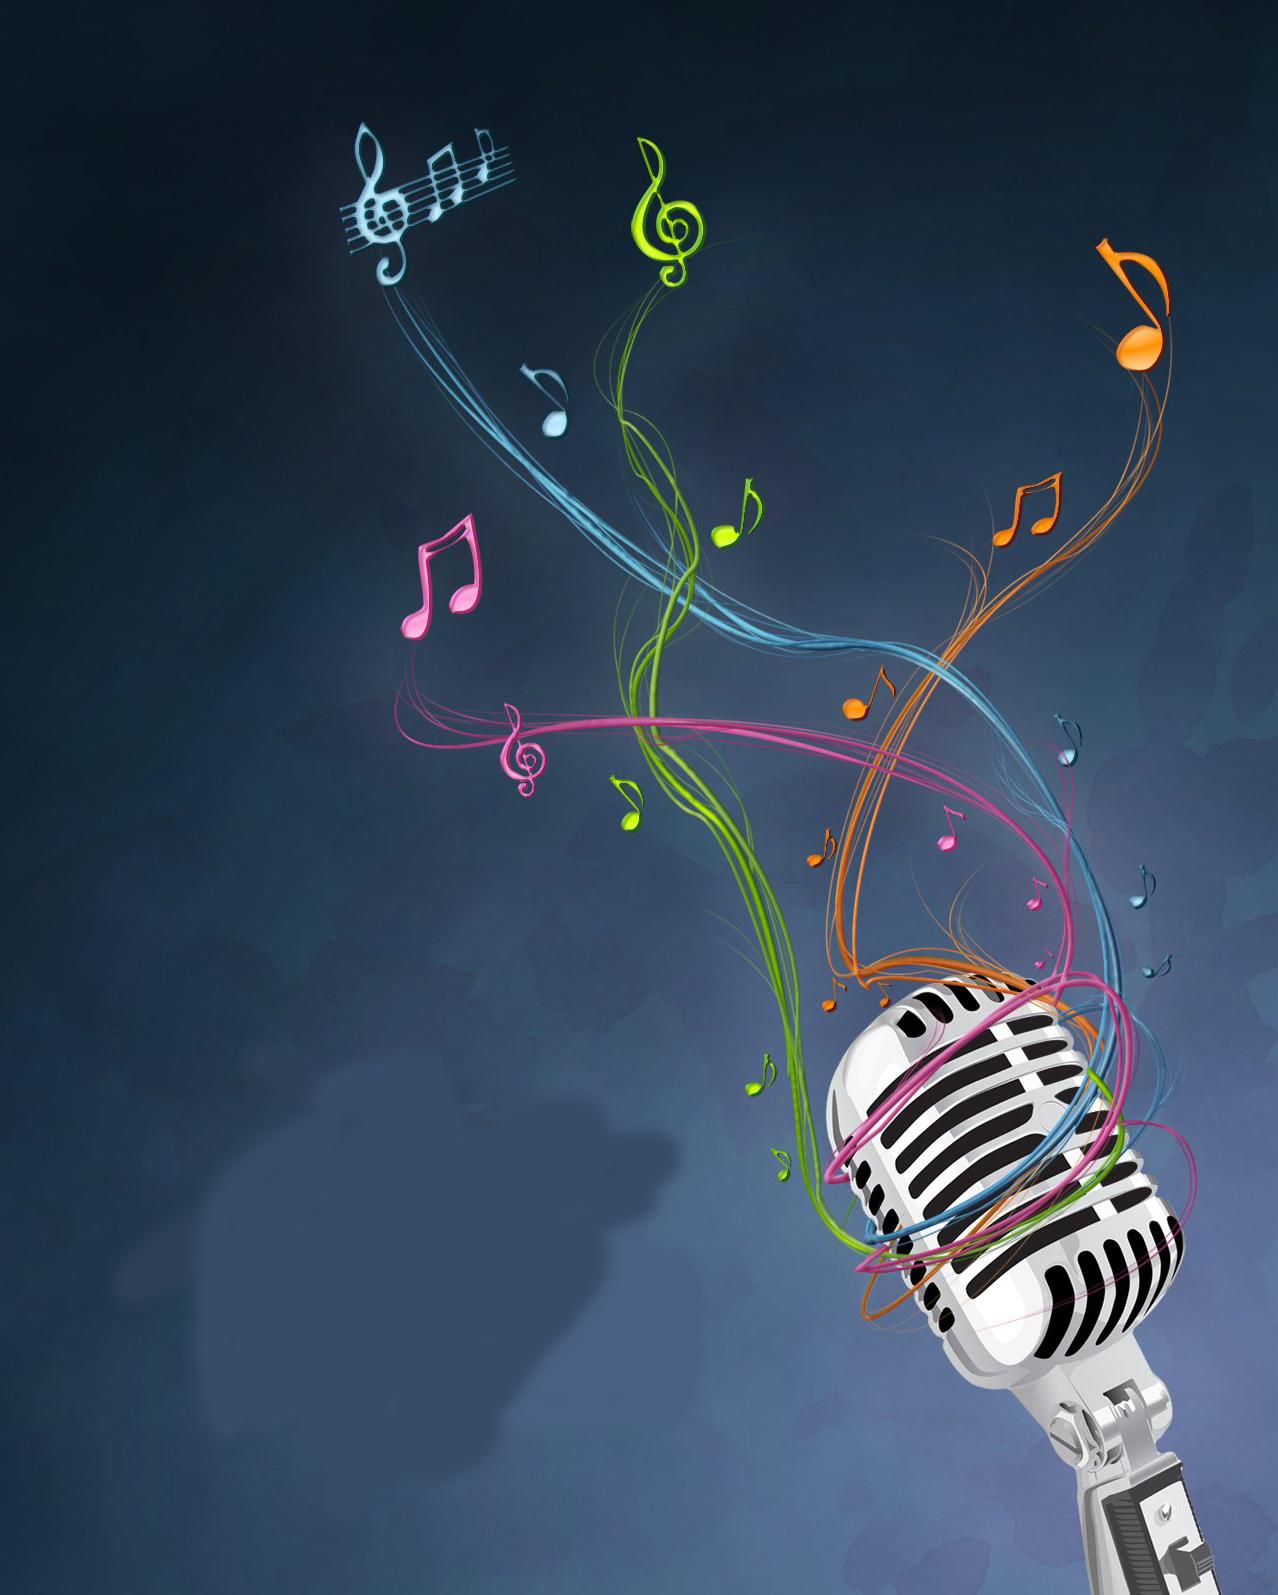 Musique et malaudition: plaisir des sons, plaisir des sens